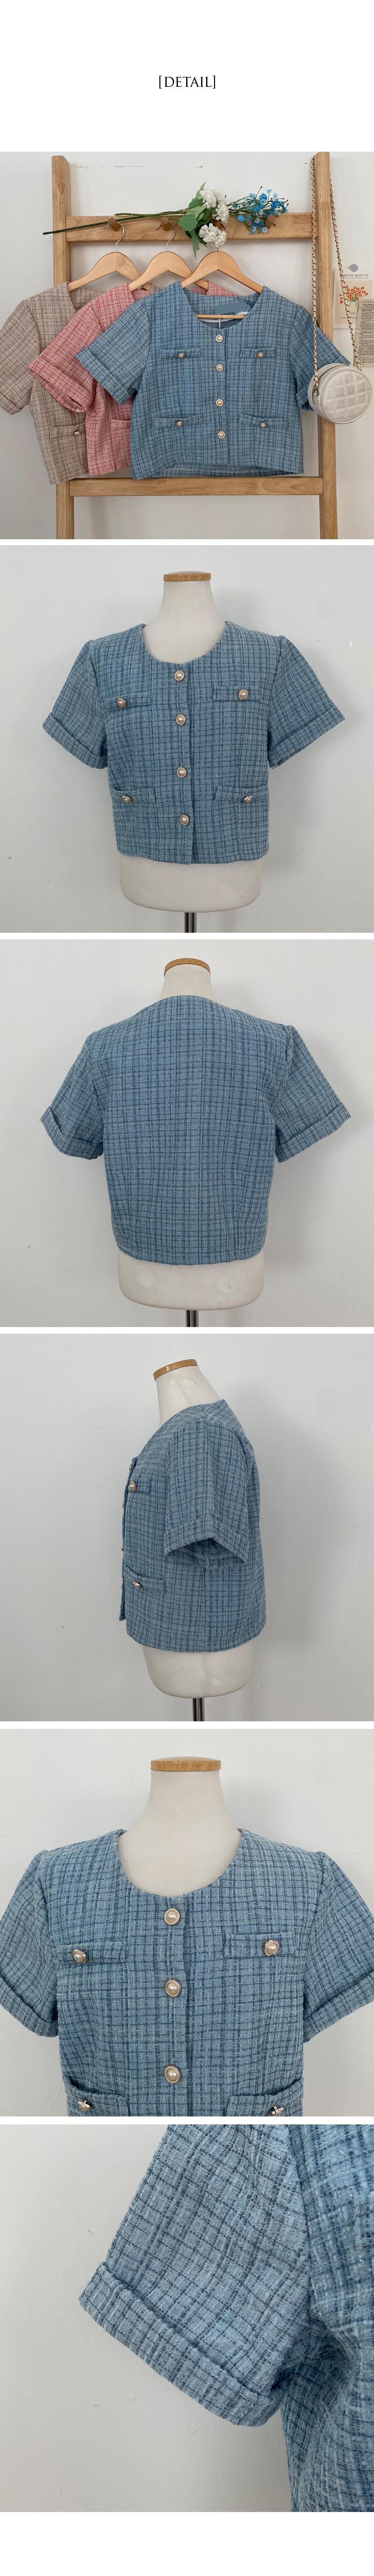 Ari short sleeve tweed jacket